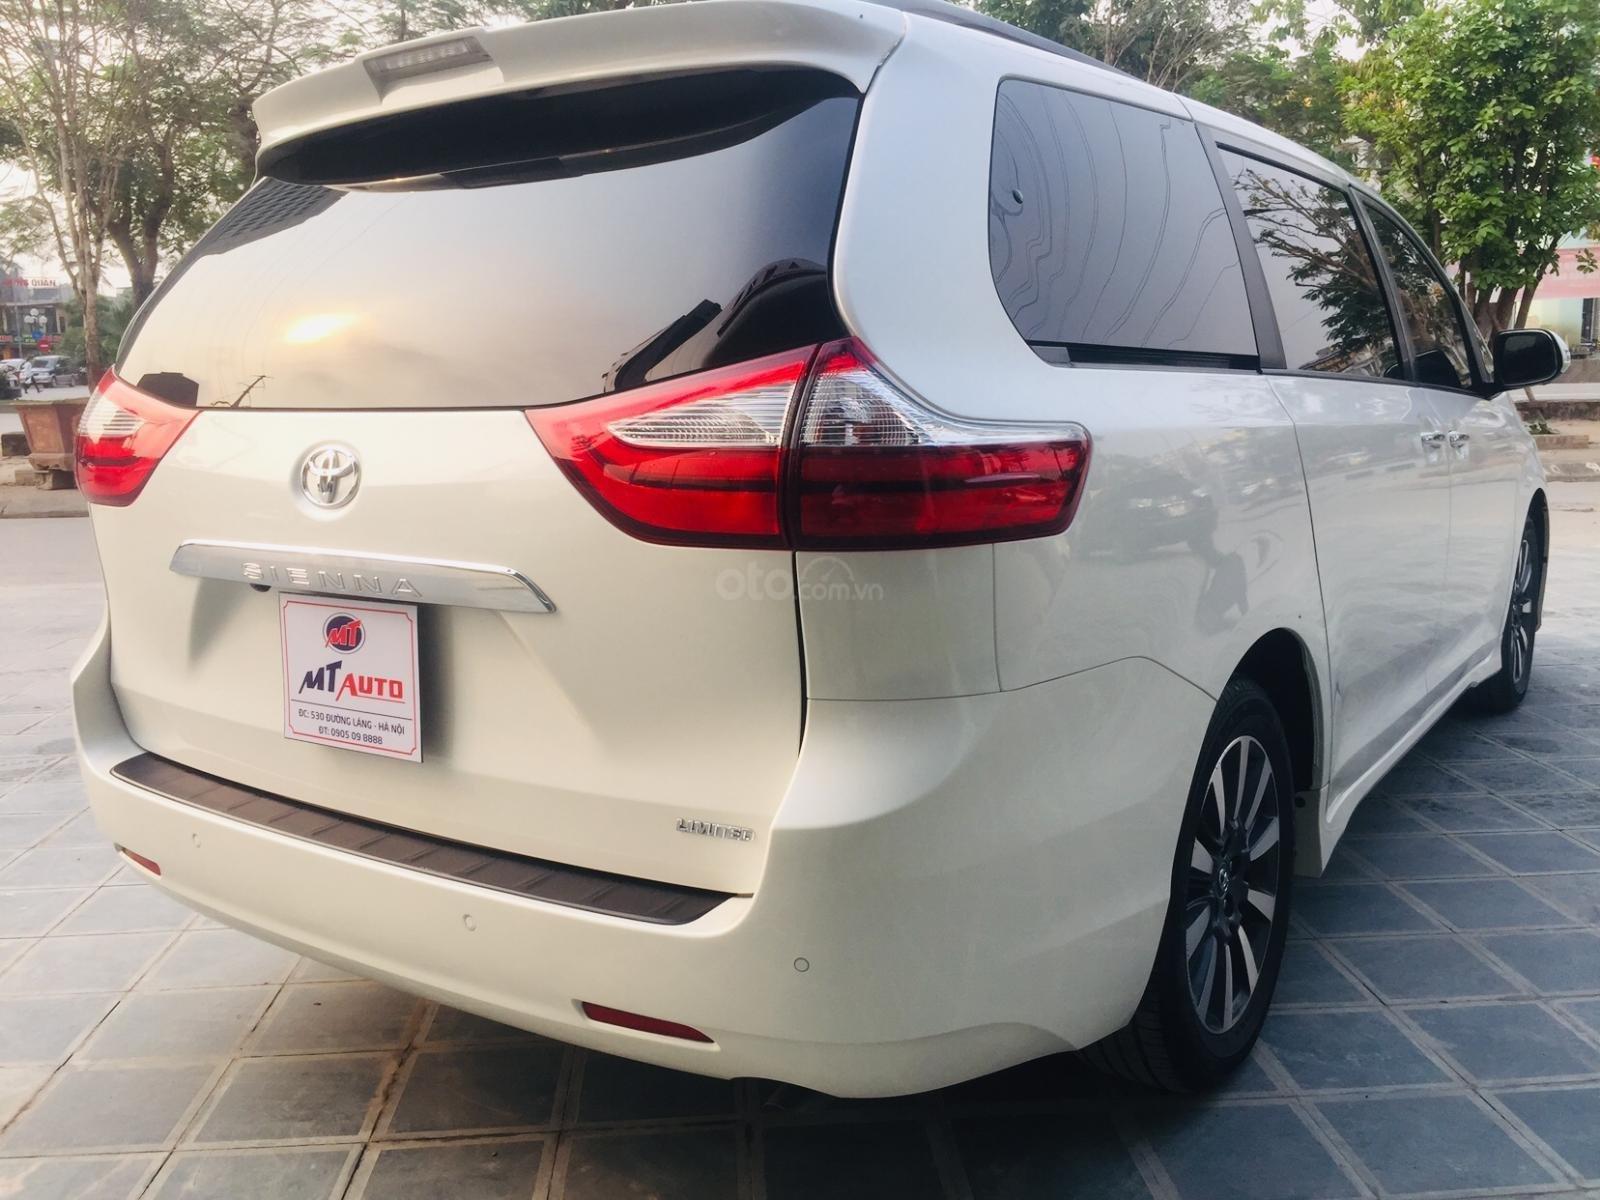 Bán xe Toyota Sienna Limited sản xuất 2018, siêu lướt, giao xe toàn quốc, LH Ms Ngọc Vy 093.996.2368 (5)